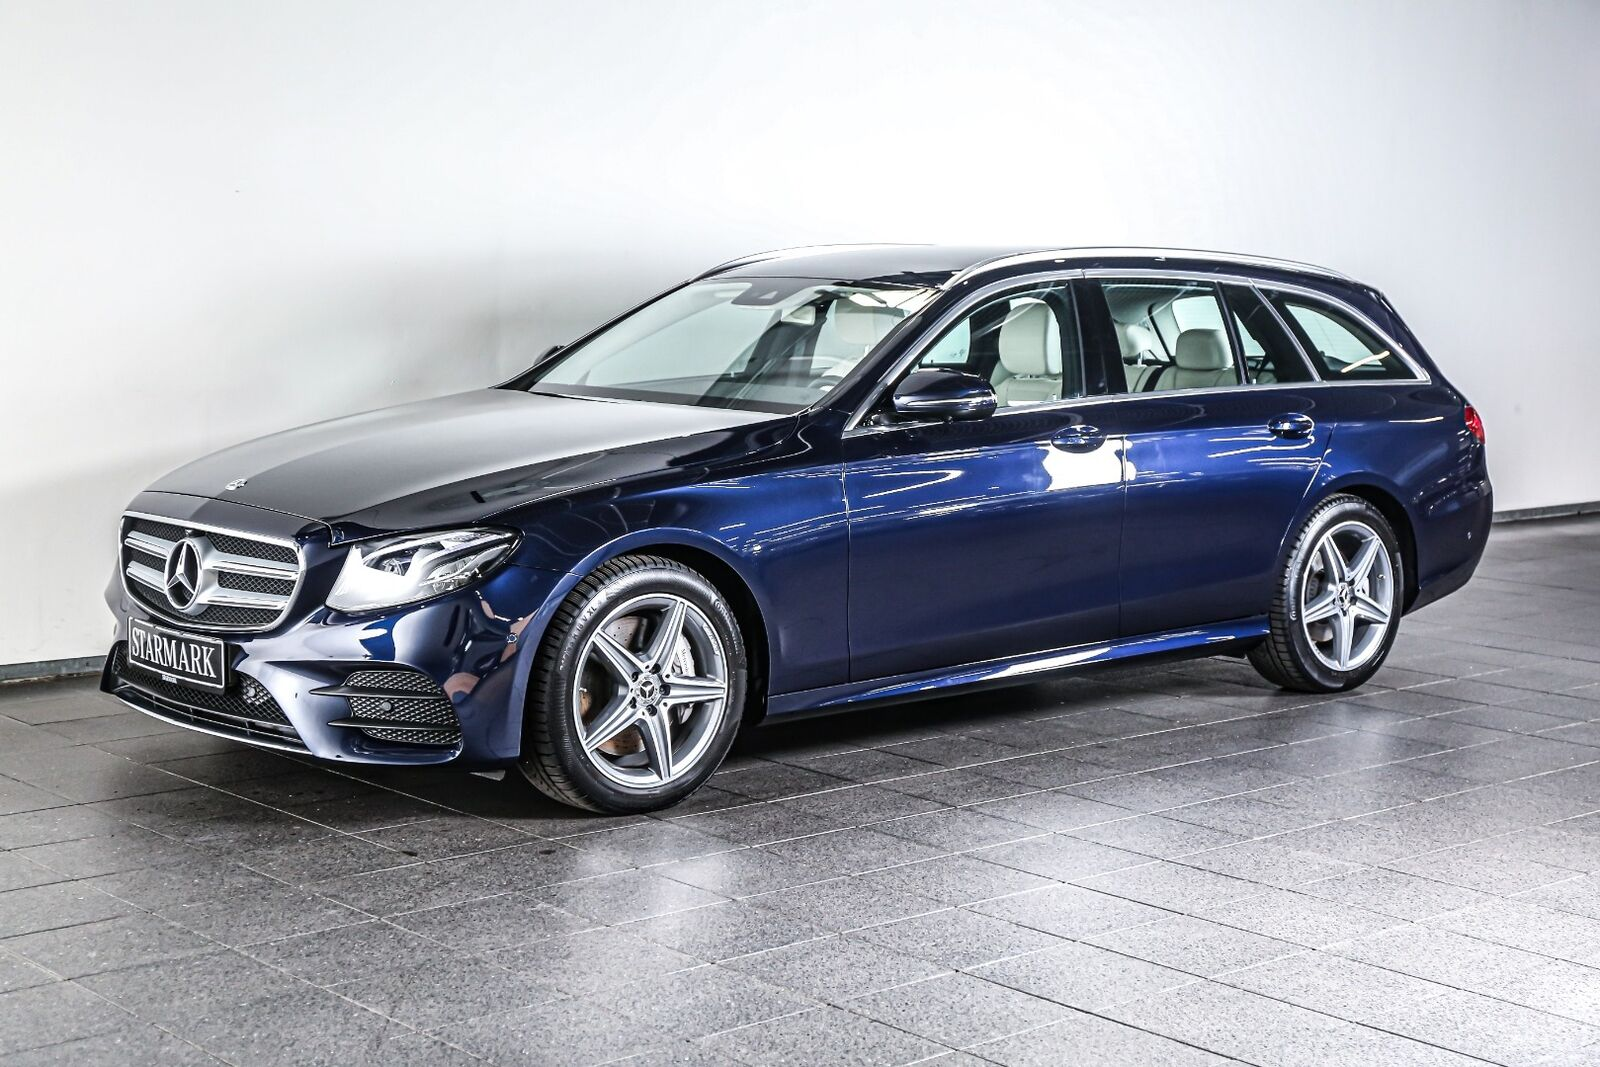 Mercedes E350 d 2,9 AMG Line stc. aut. 5d - 699.900 kr.